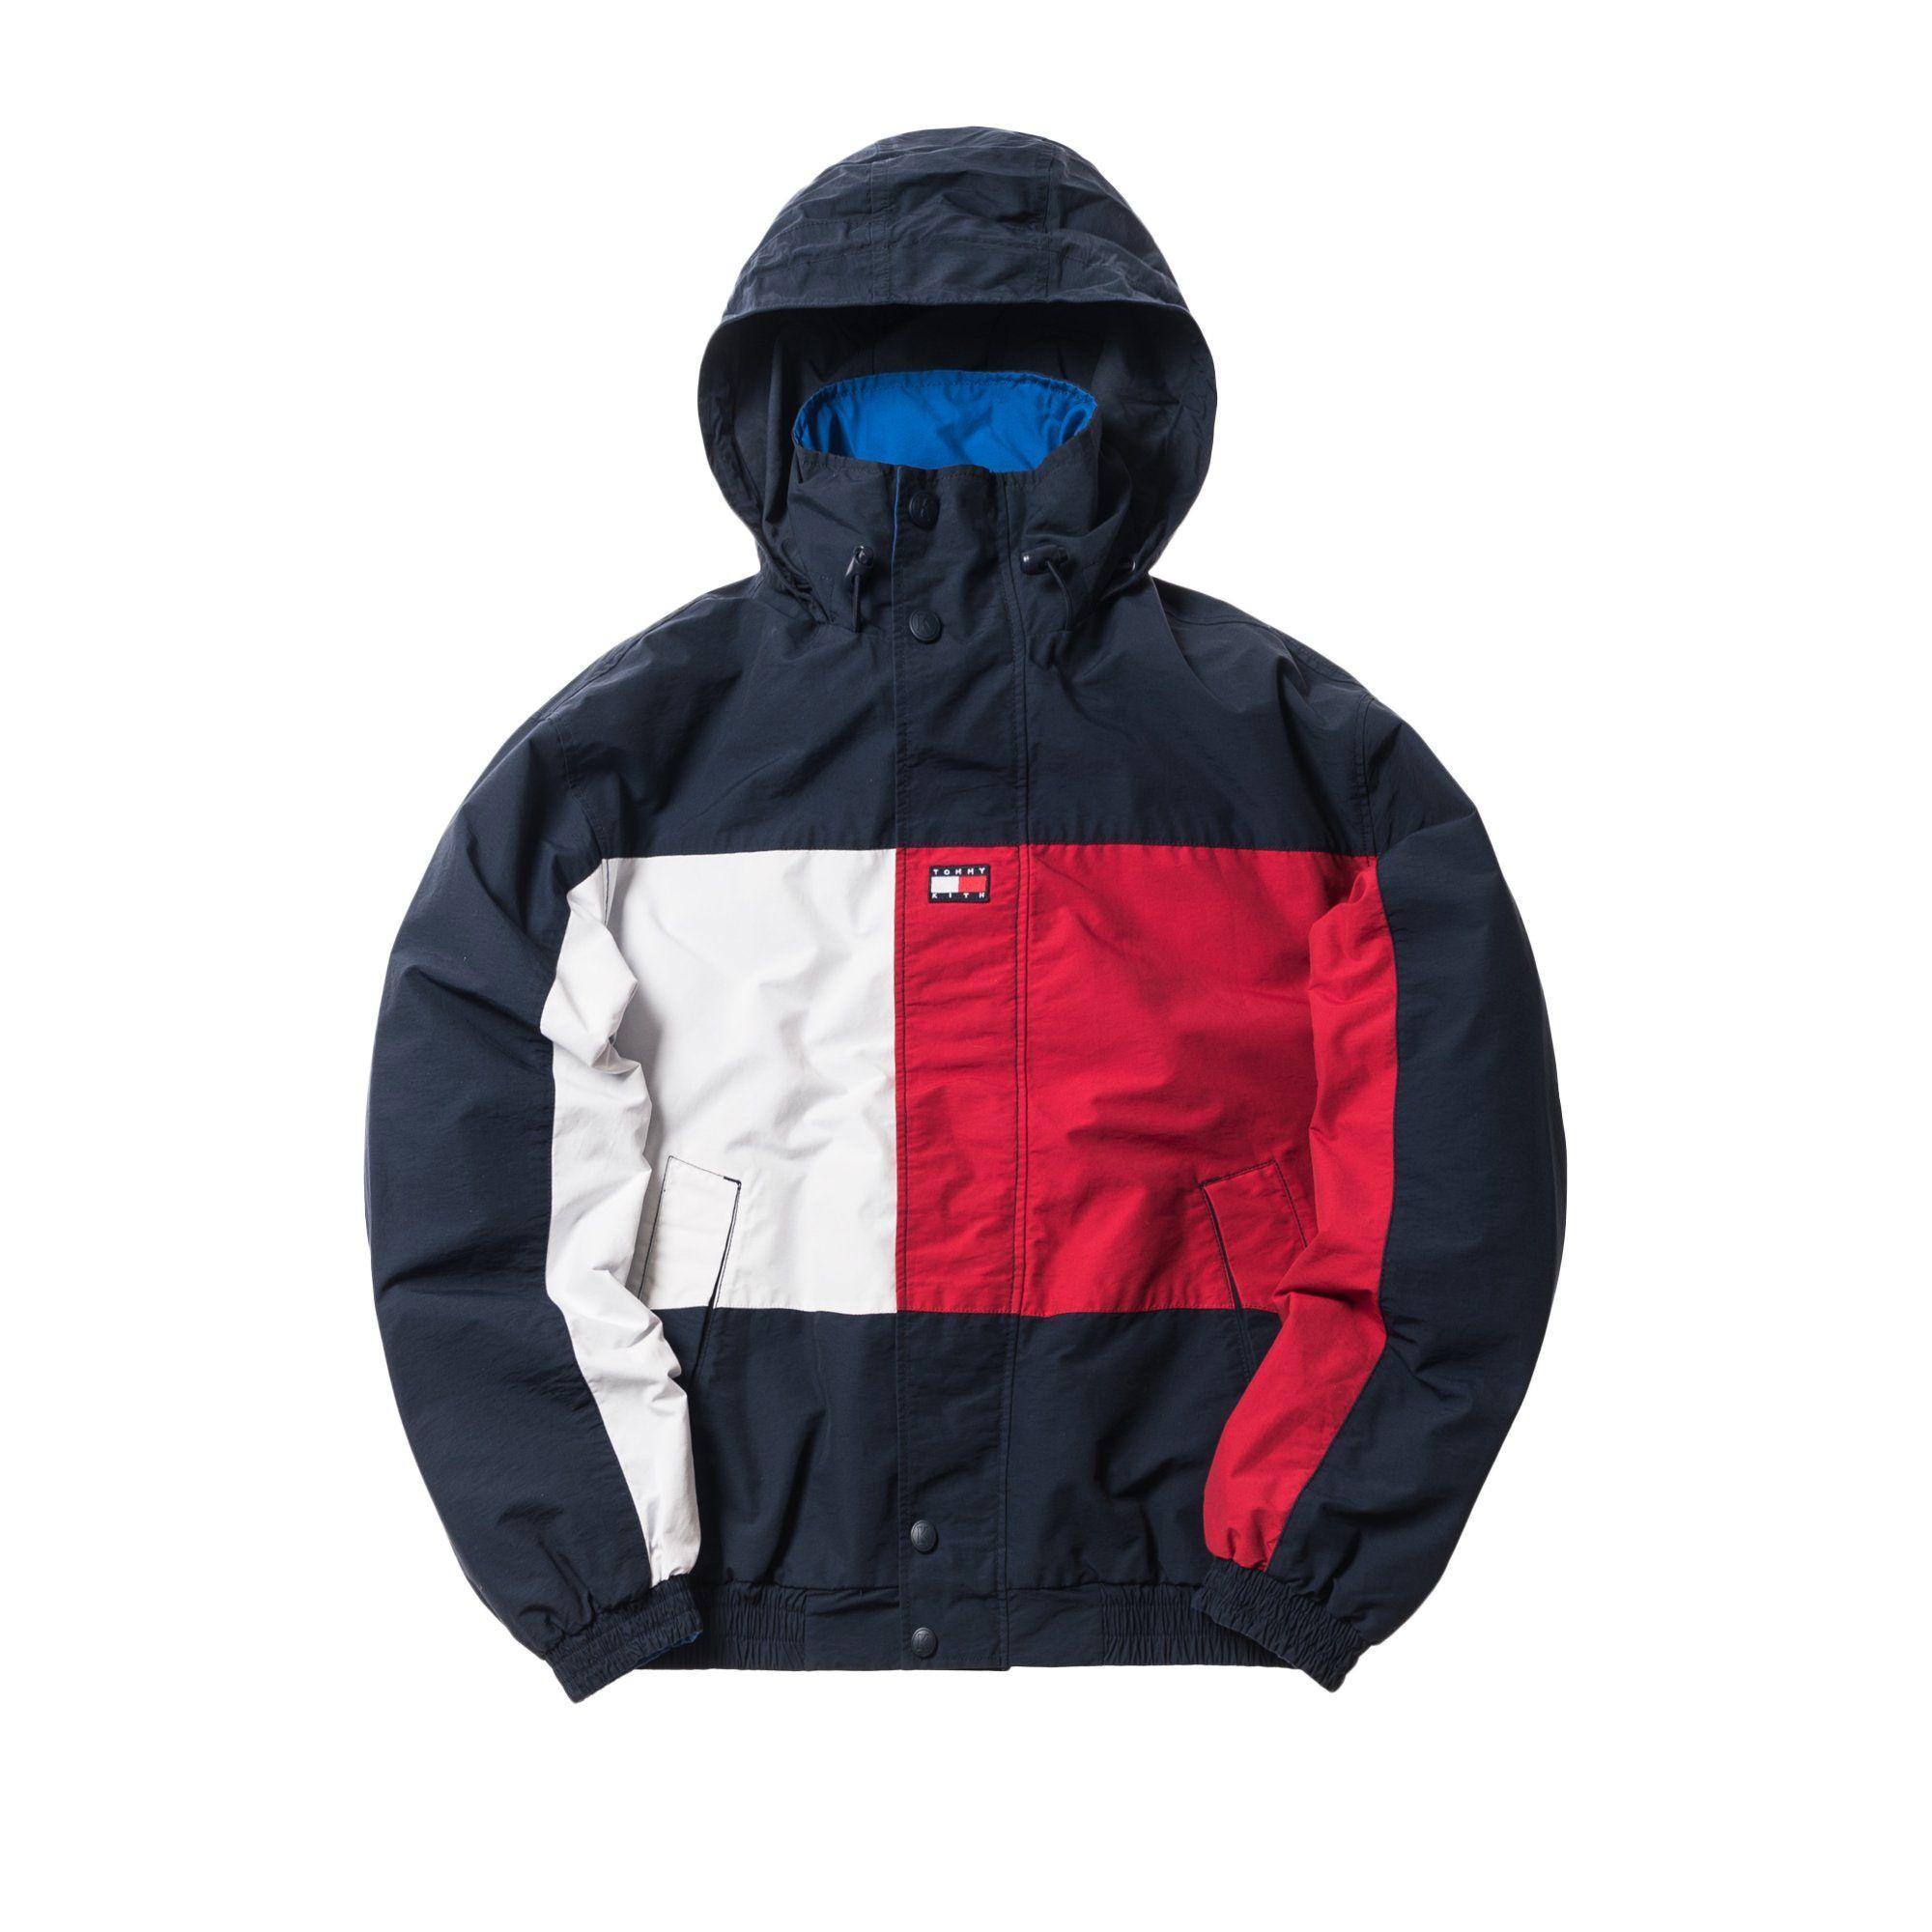 Kith X Tommy Hilfiger Reversible Colorblack Jacket Navy Blue En 2021 Estilo De Ropa Hombre Estilos De Ropa Ropa